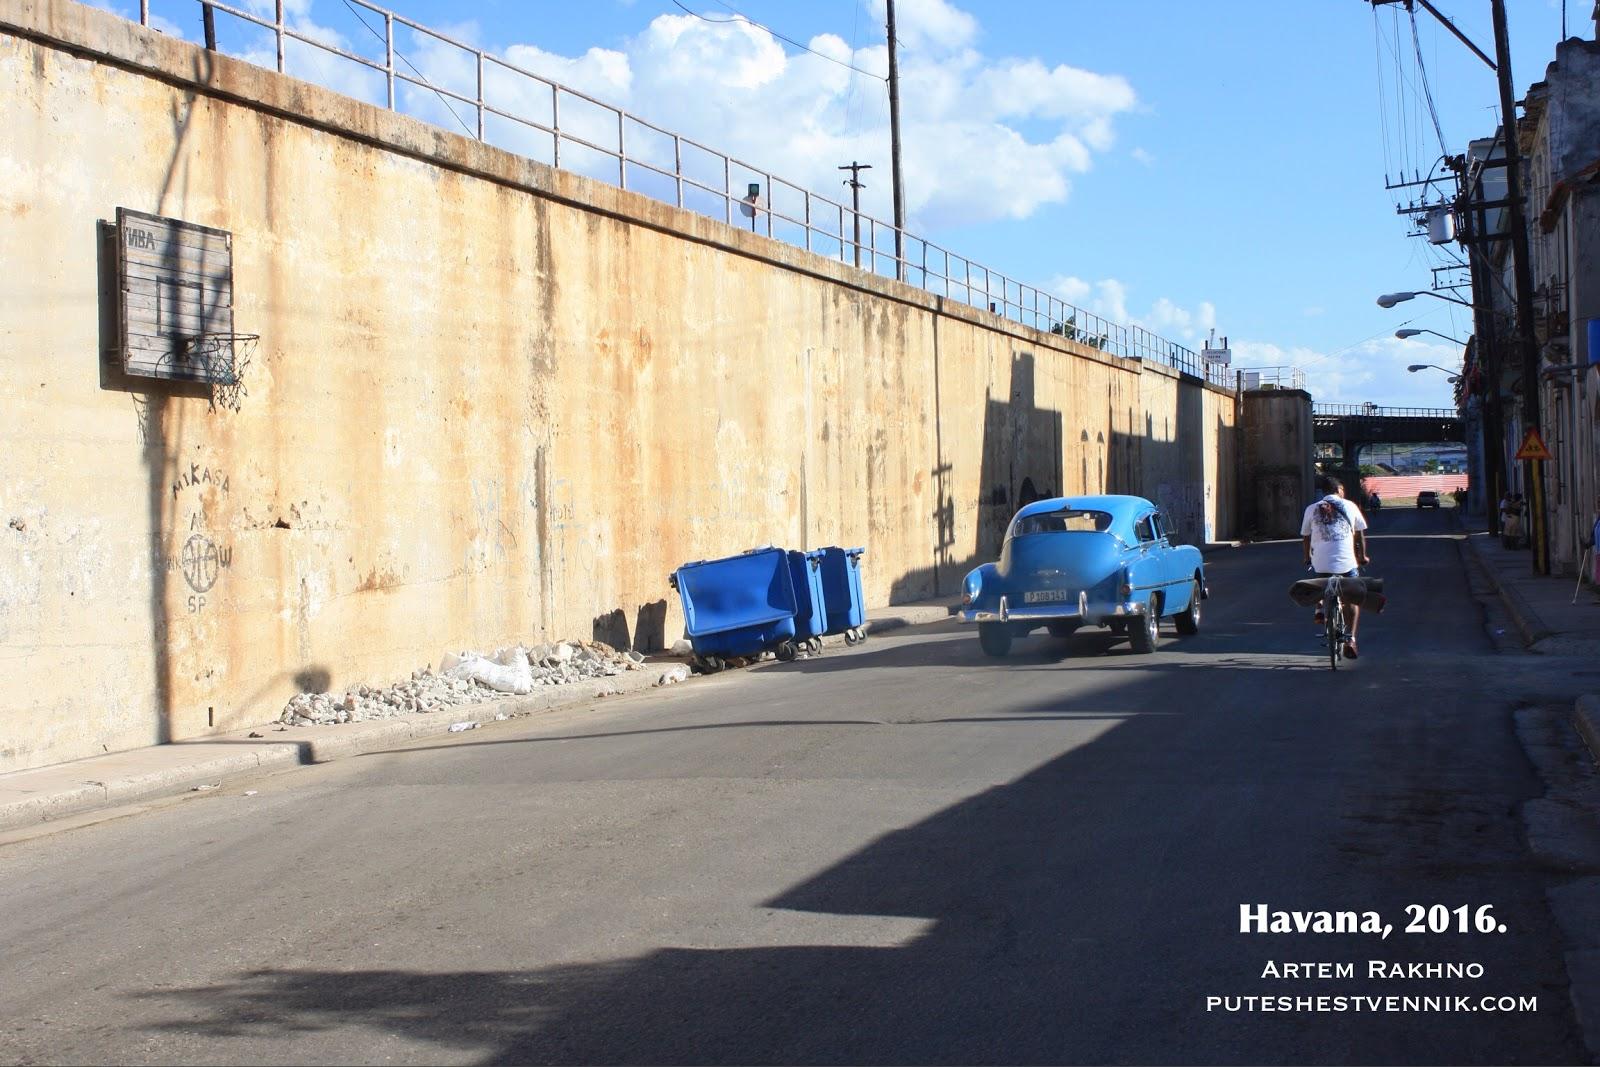 Баскетбольное кольцо на стене улицы Гаваны